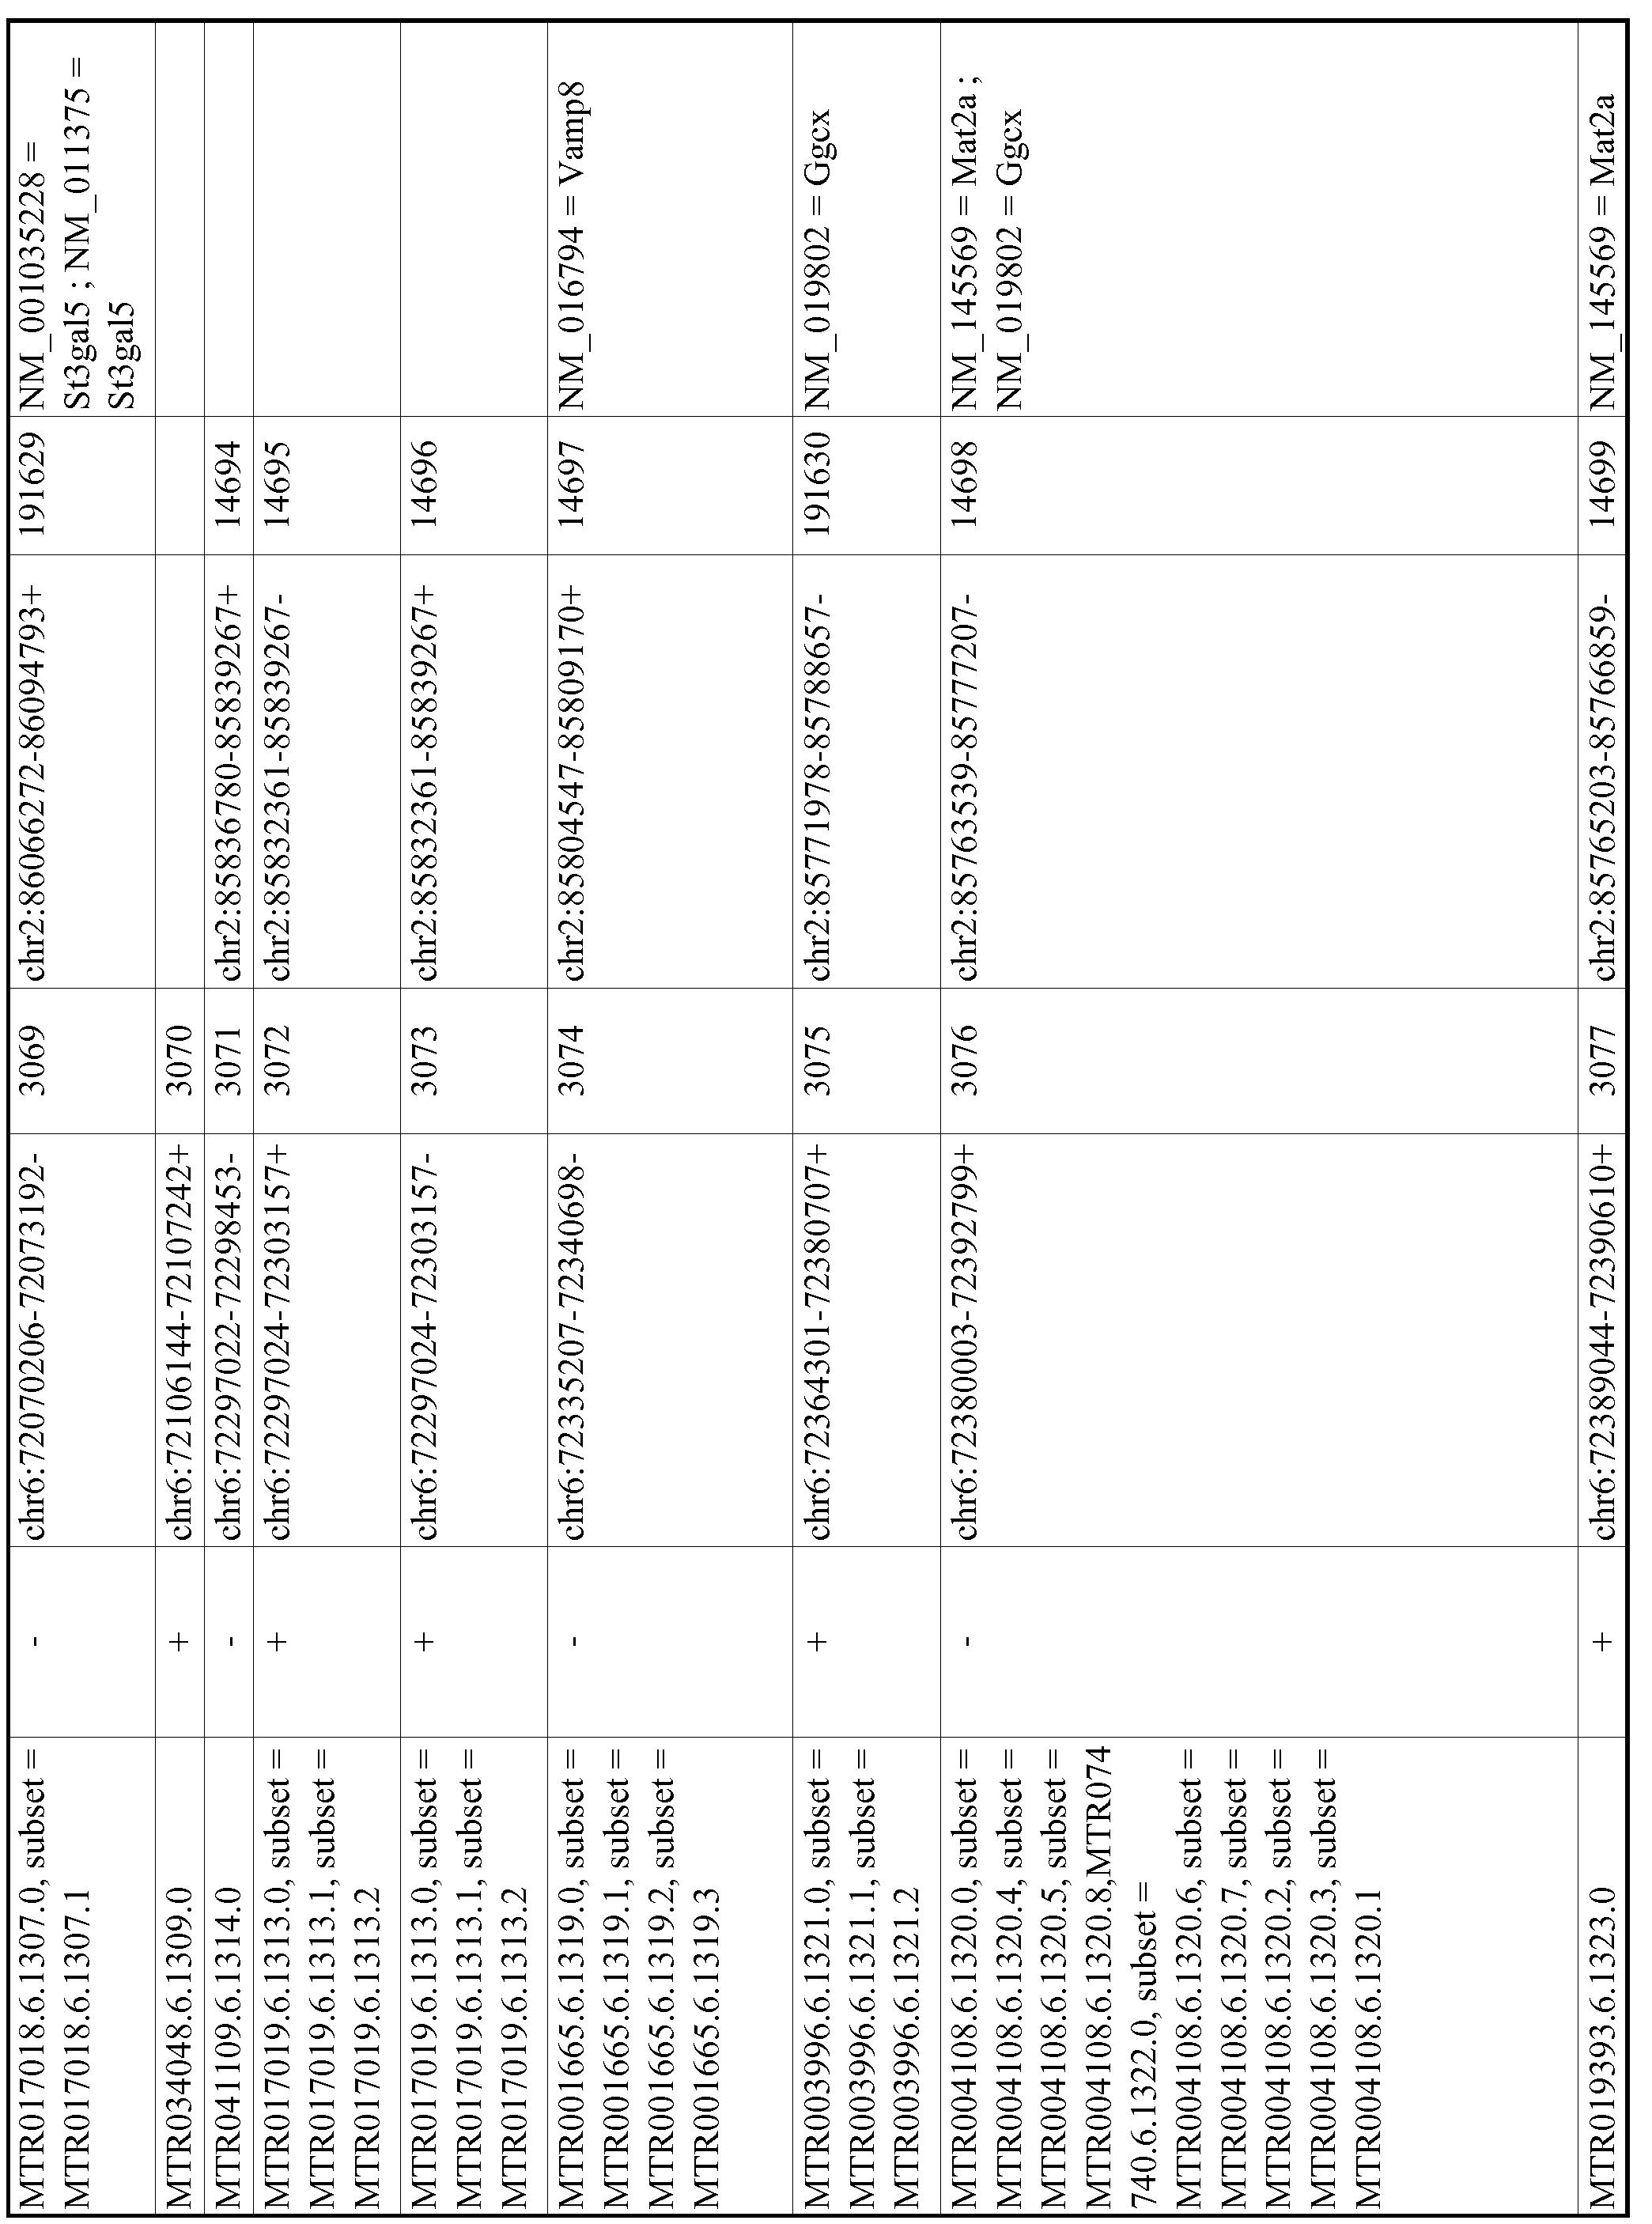 Figure imgf000613_0001